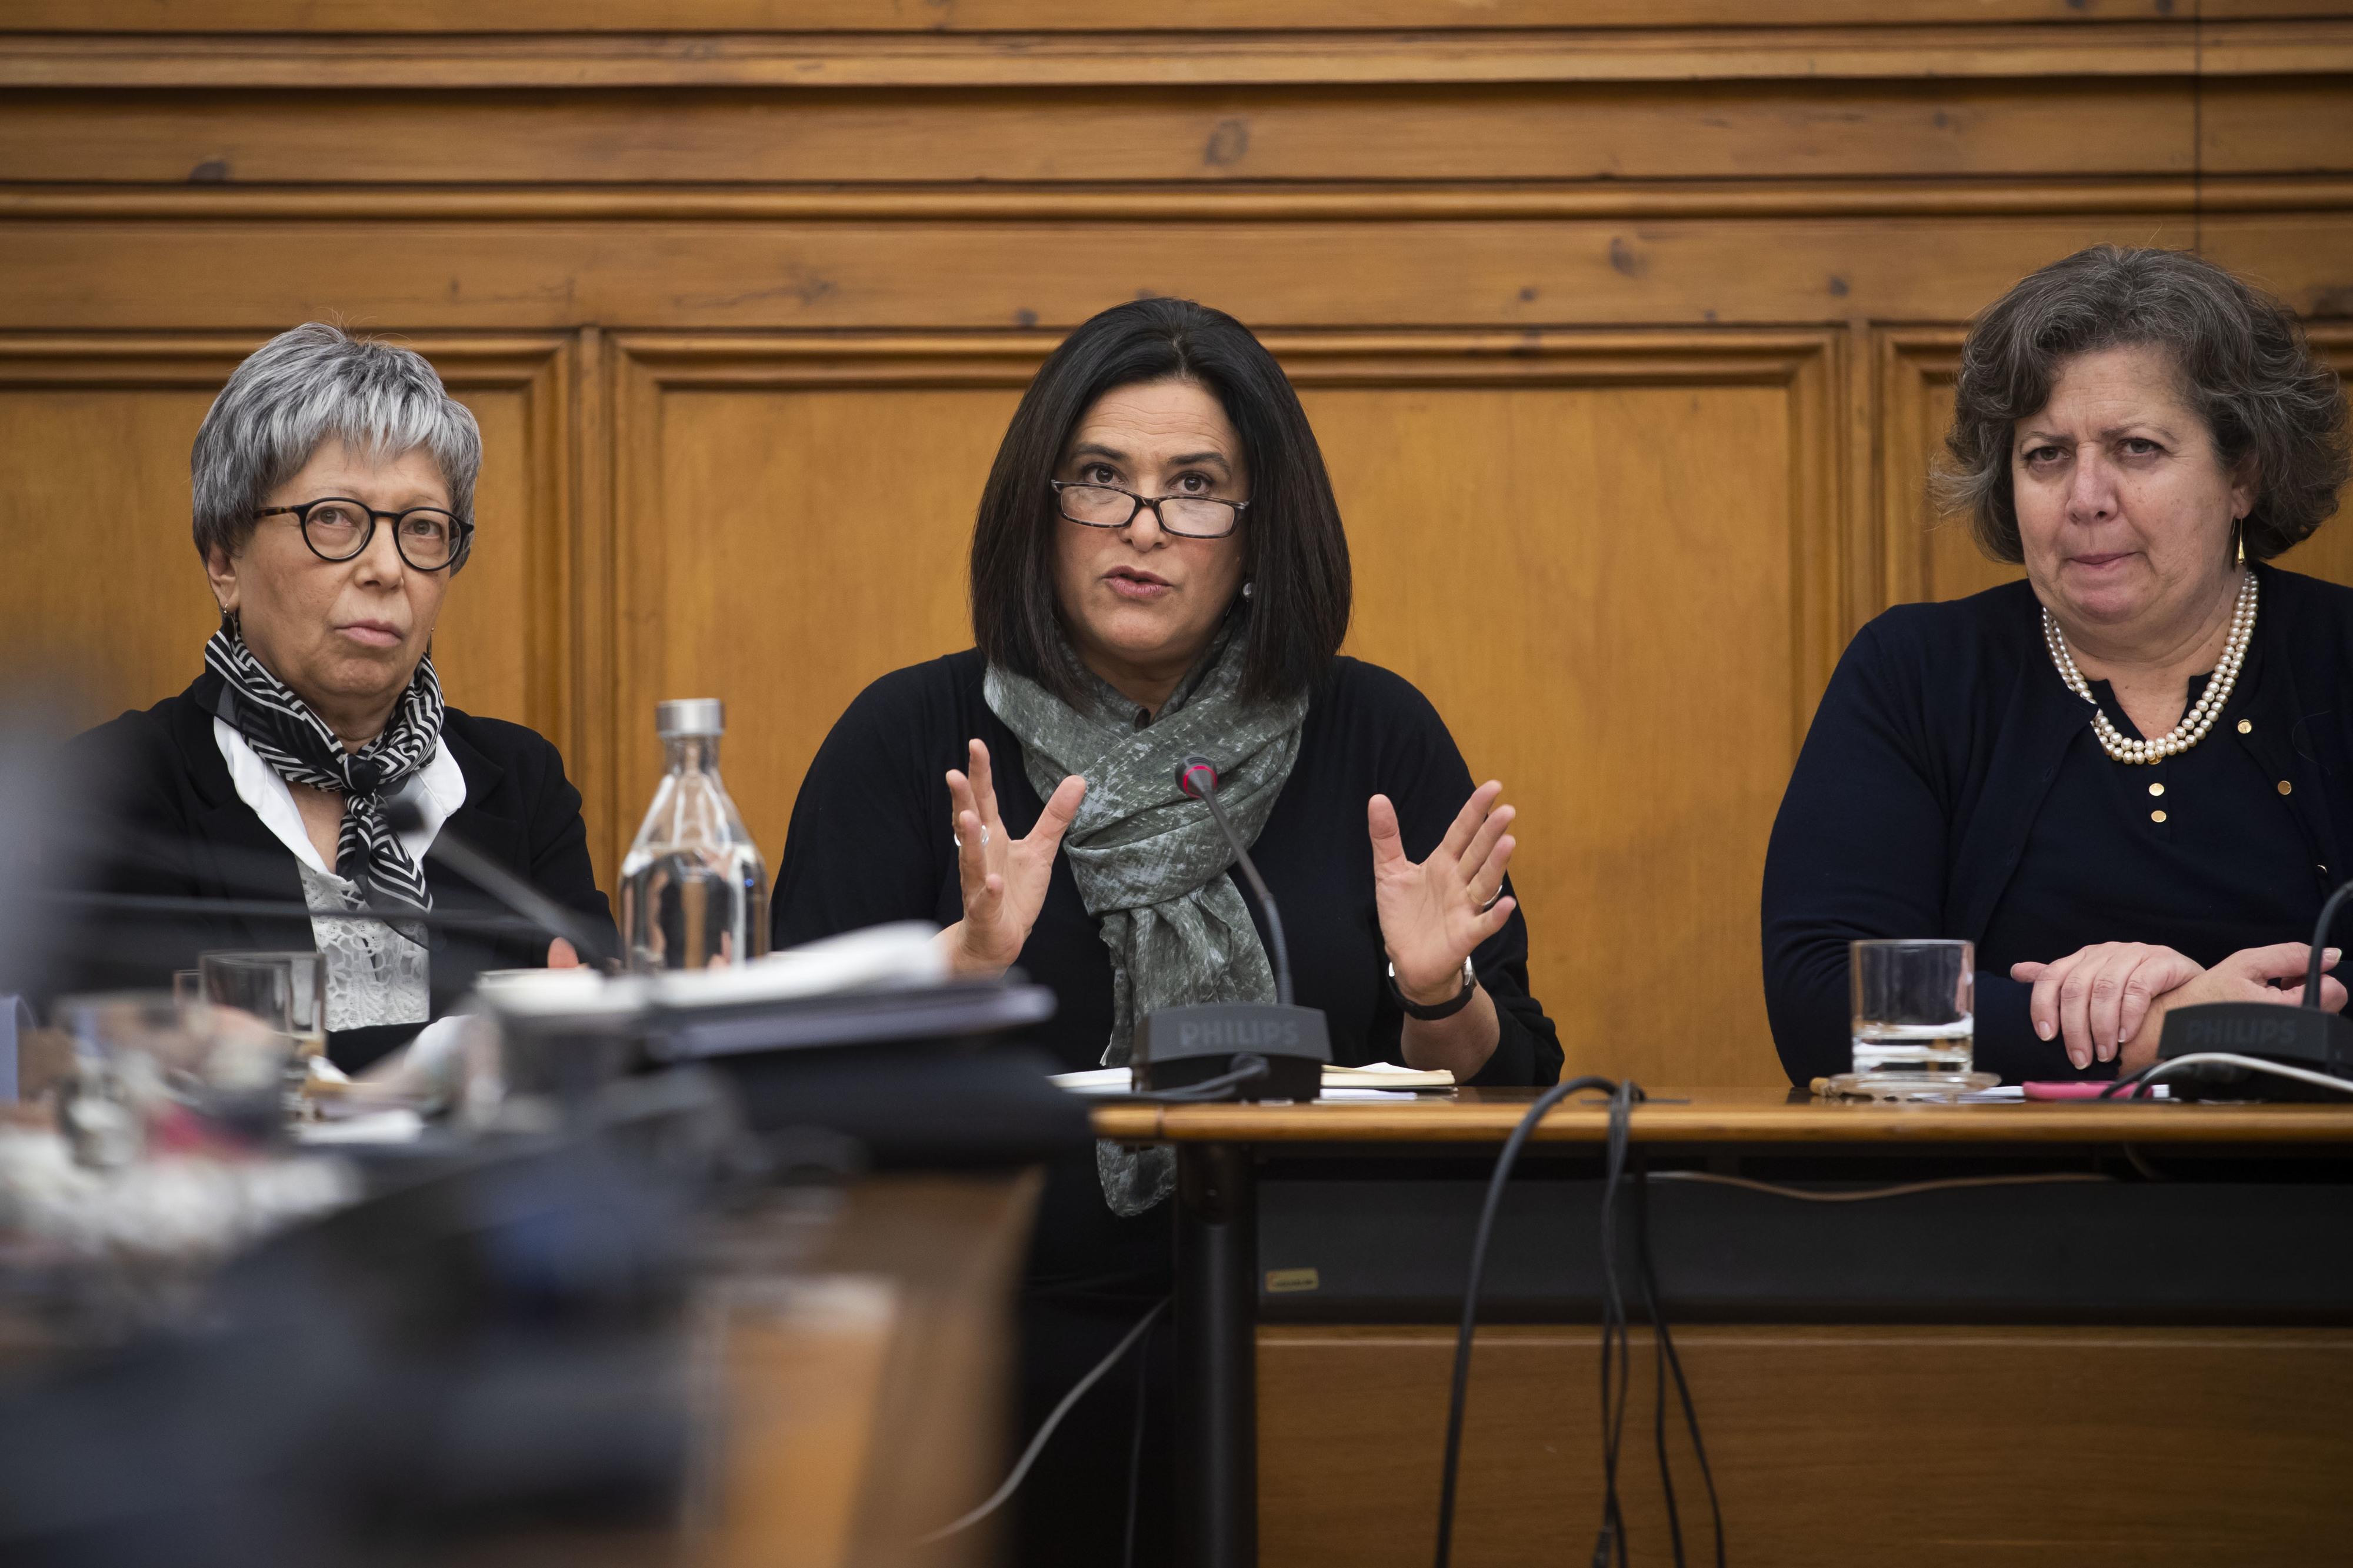 """Diretora de informação da RTP garante que """"nunca"""" informou diretora do ISCEM sobre investigação"""